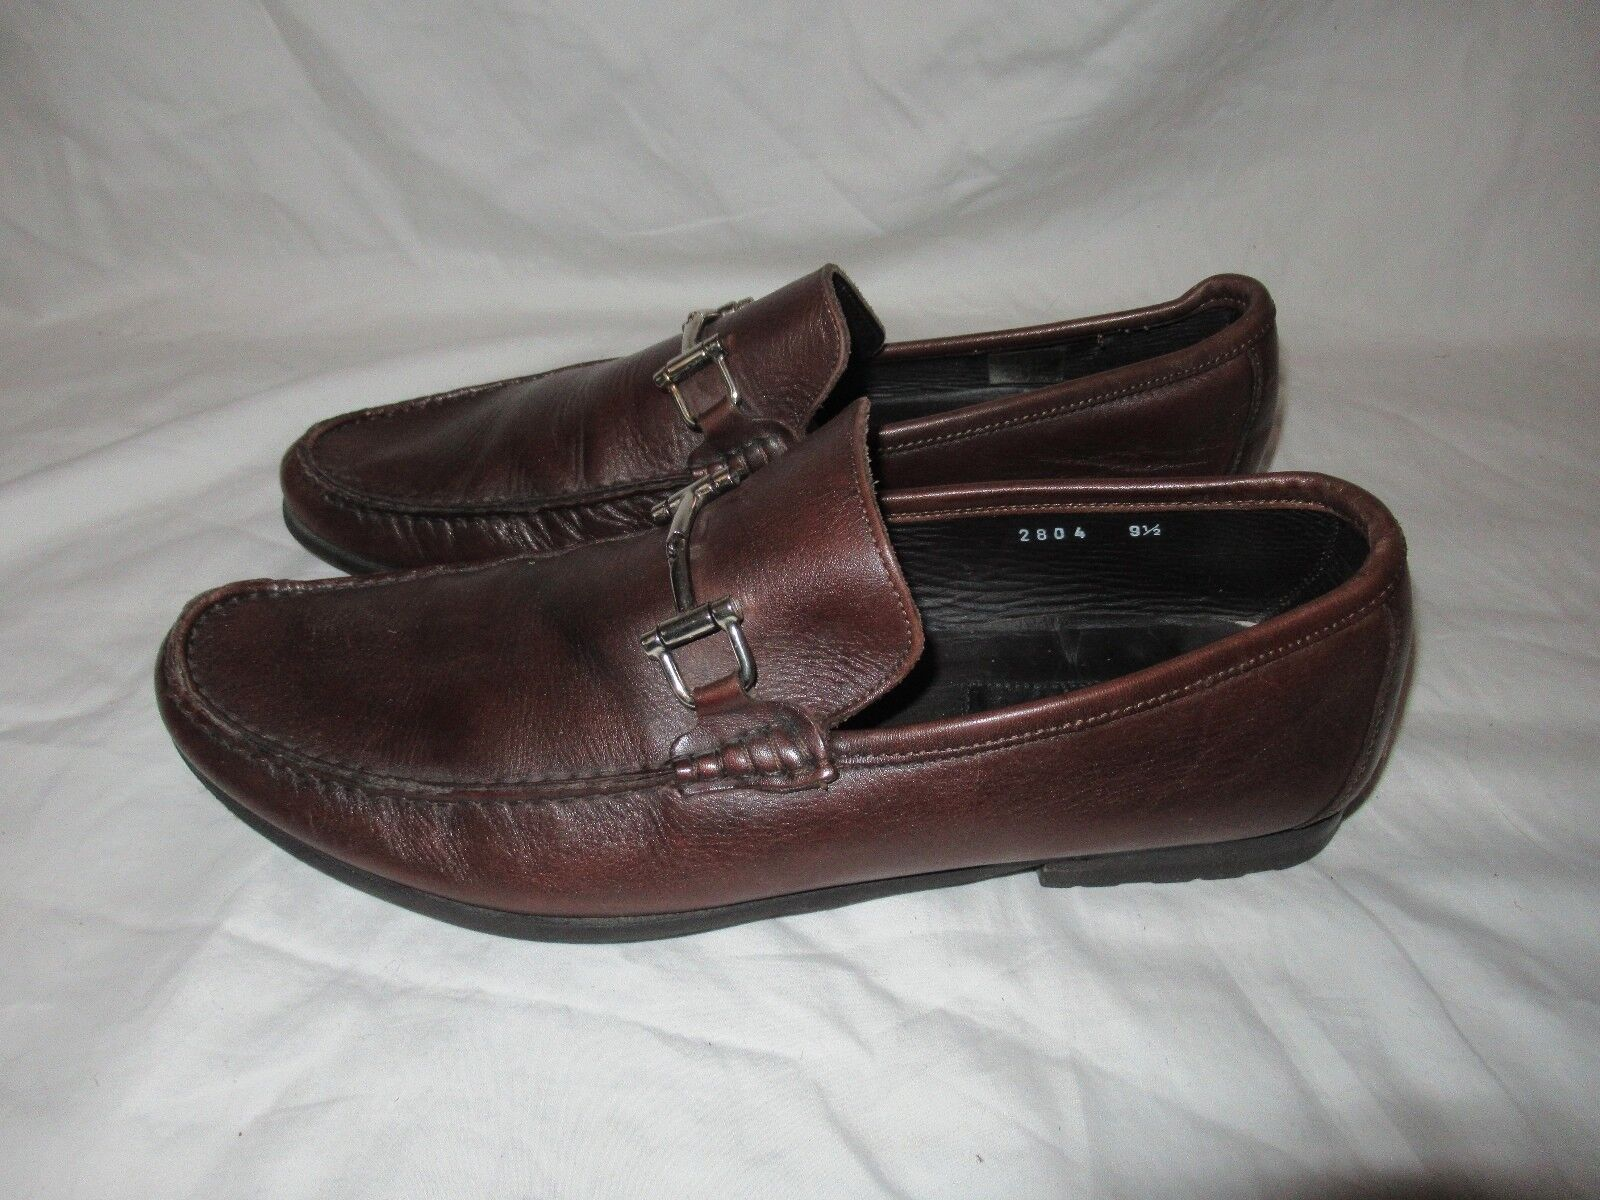 merce di alta qualità e servizio conveniente e onesto To avvio New York Adam Derrick Marrone Marrone Marrone Leather Loafer scarpe Uomo 9.5 Made in   ti renderà soddisfatto